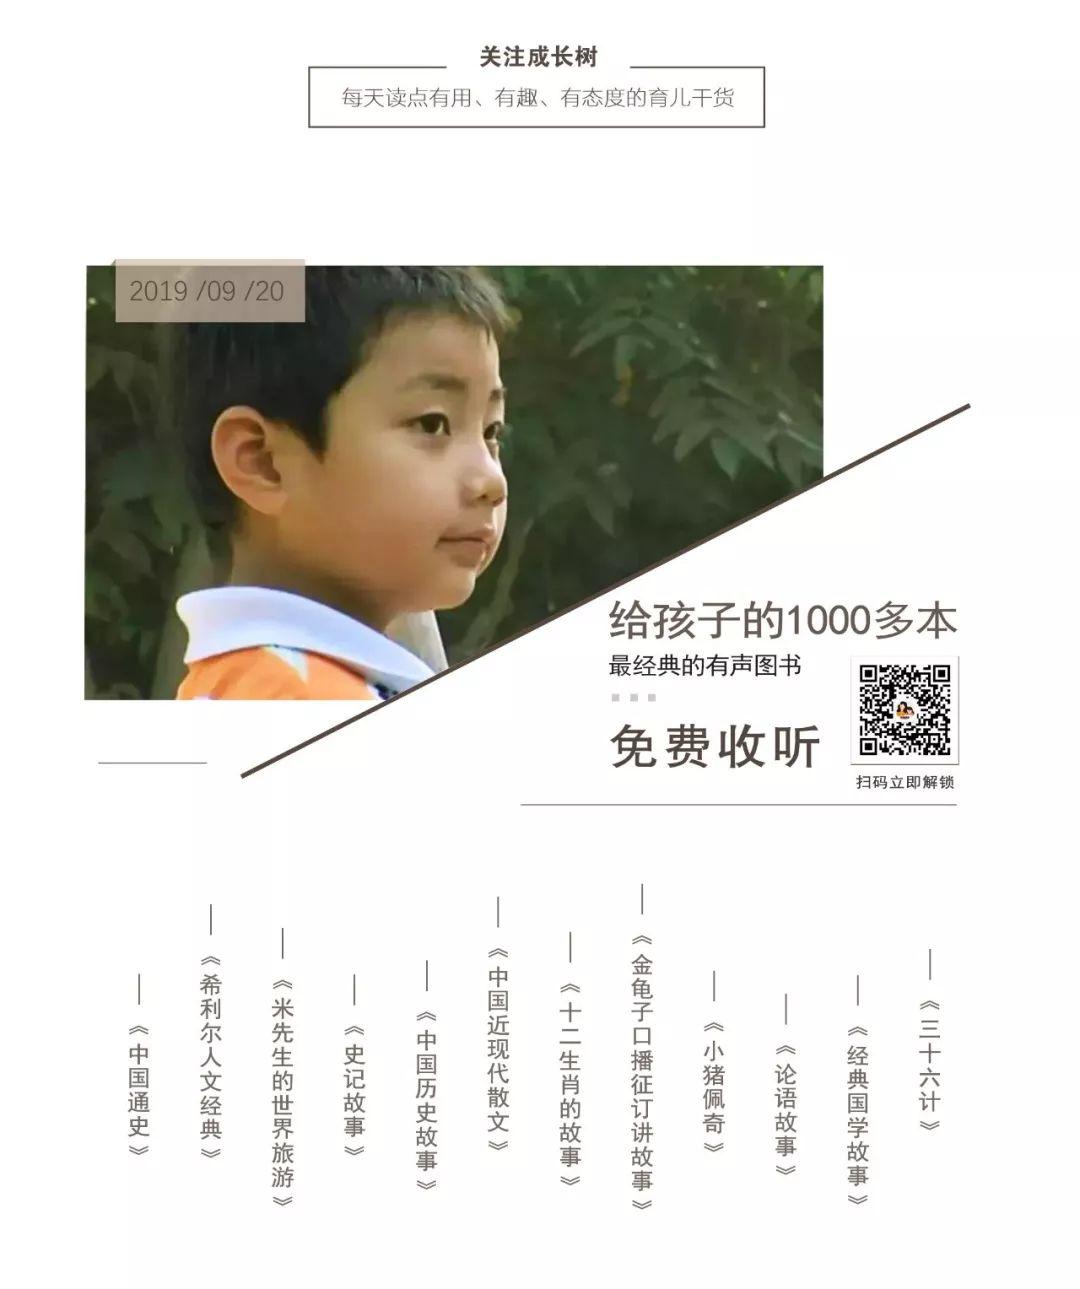 被勒令退学的小恶霸,12年后为中国荣耀而战:是什么成就了他?